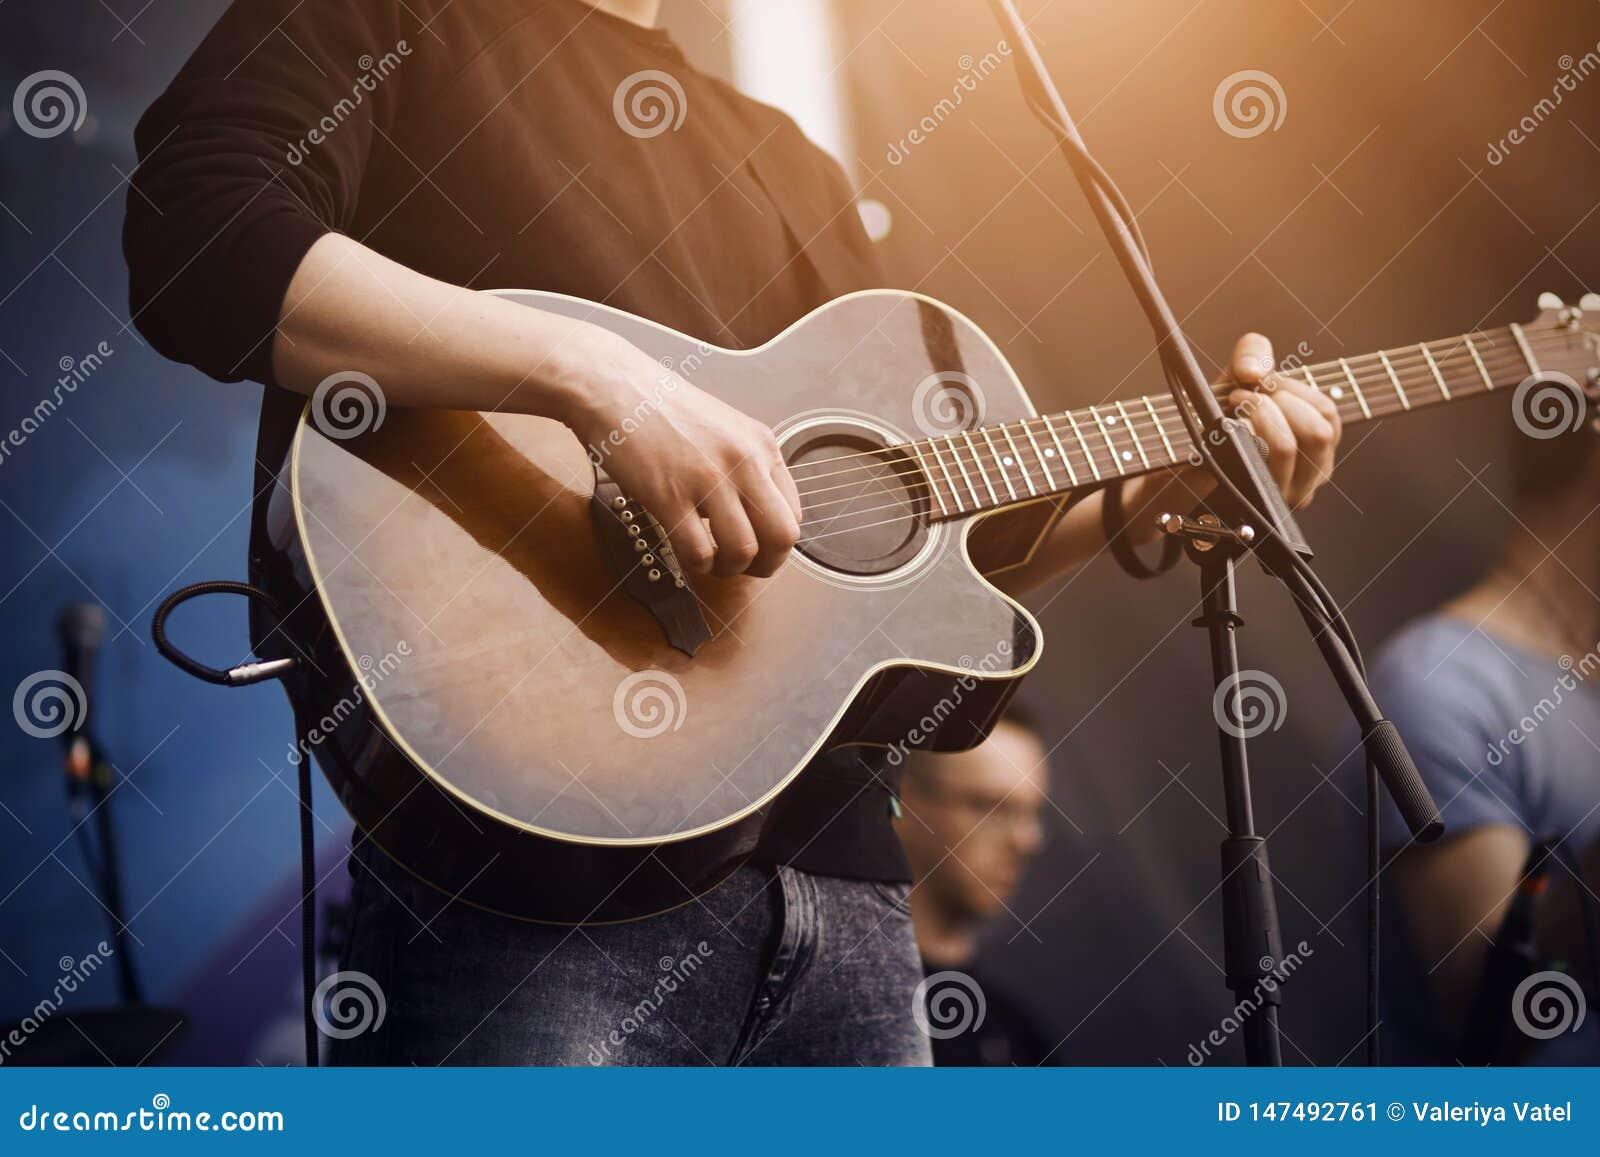 De zanger speelt een gitaar van donkere kleur